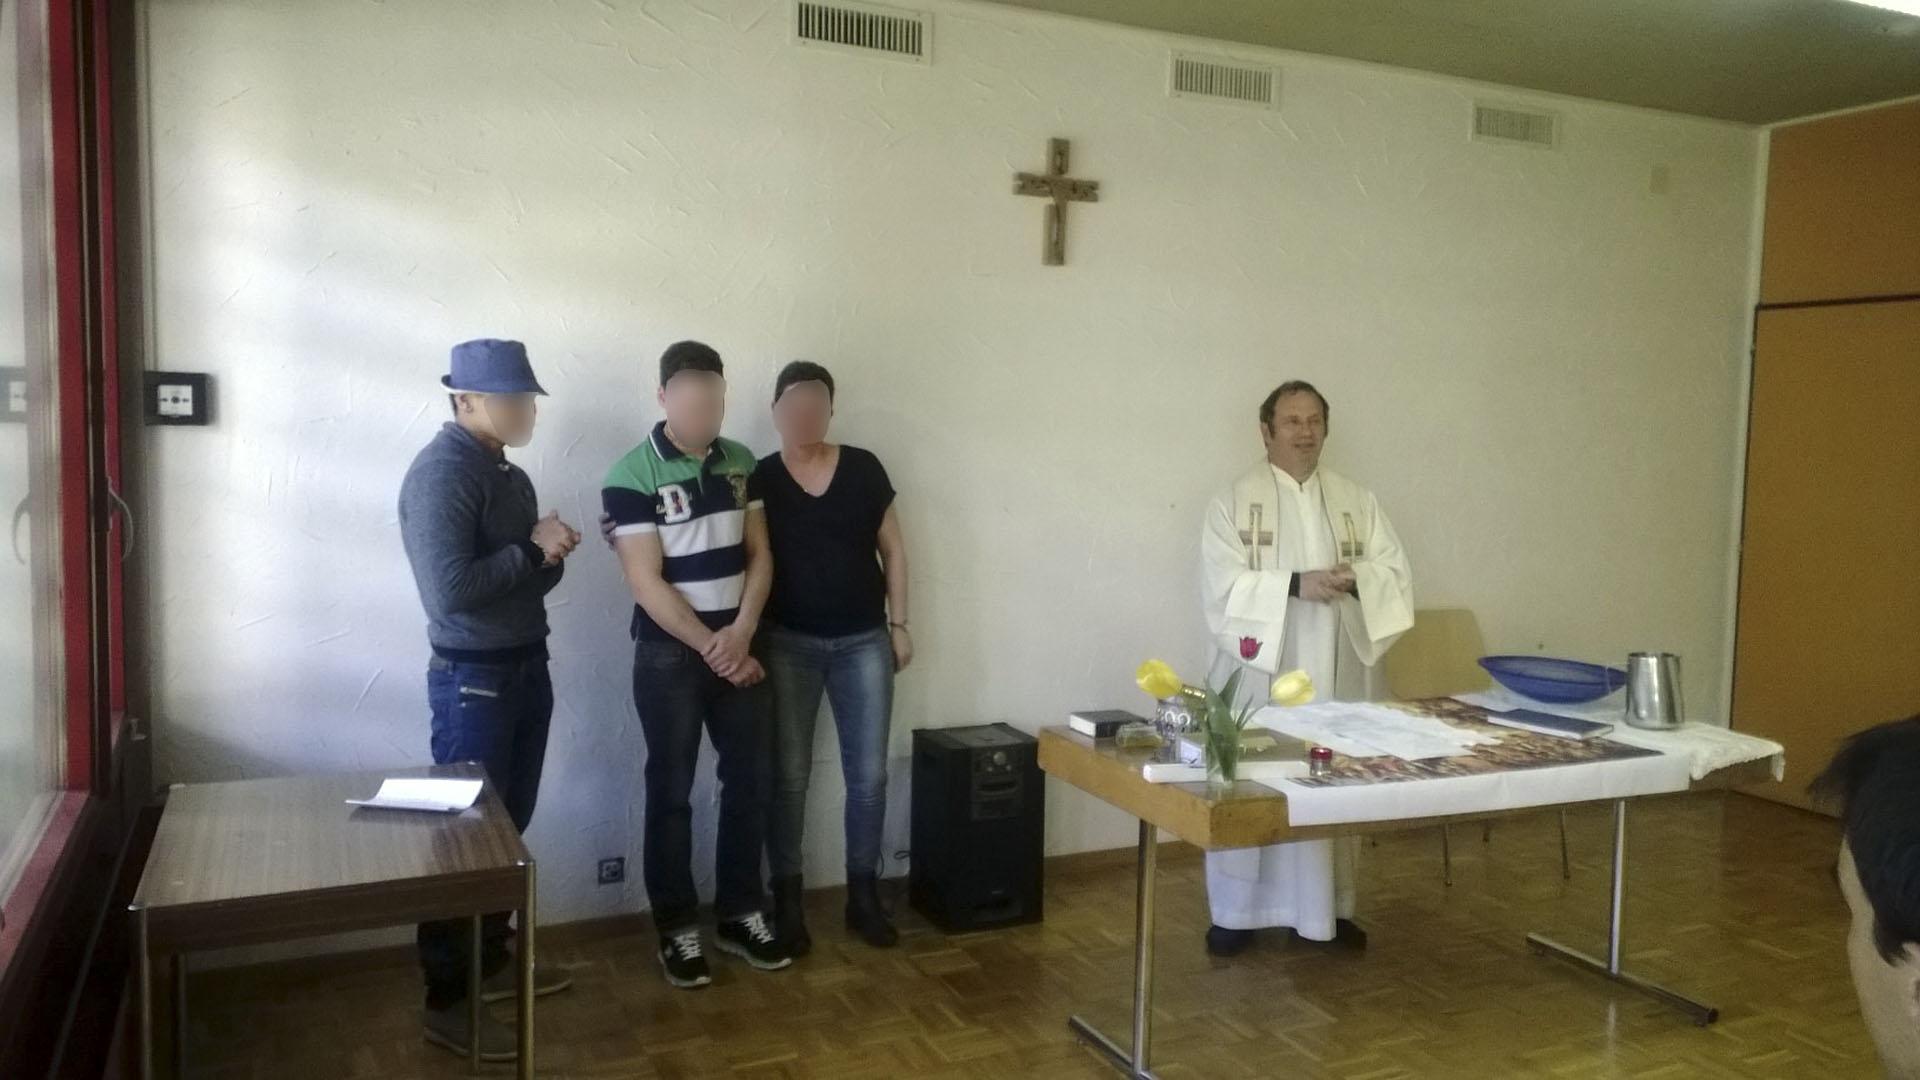 Quentin (polo rayé) le jour de son baptême. L'abbé Henri Roduit (à droite) a baptisé Quentin en présence du personnel de l'établissement, des proches de Quentin et des jeunes de son quartier. (photo: DR)